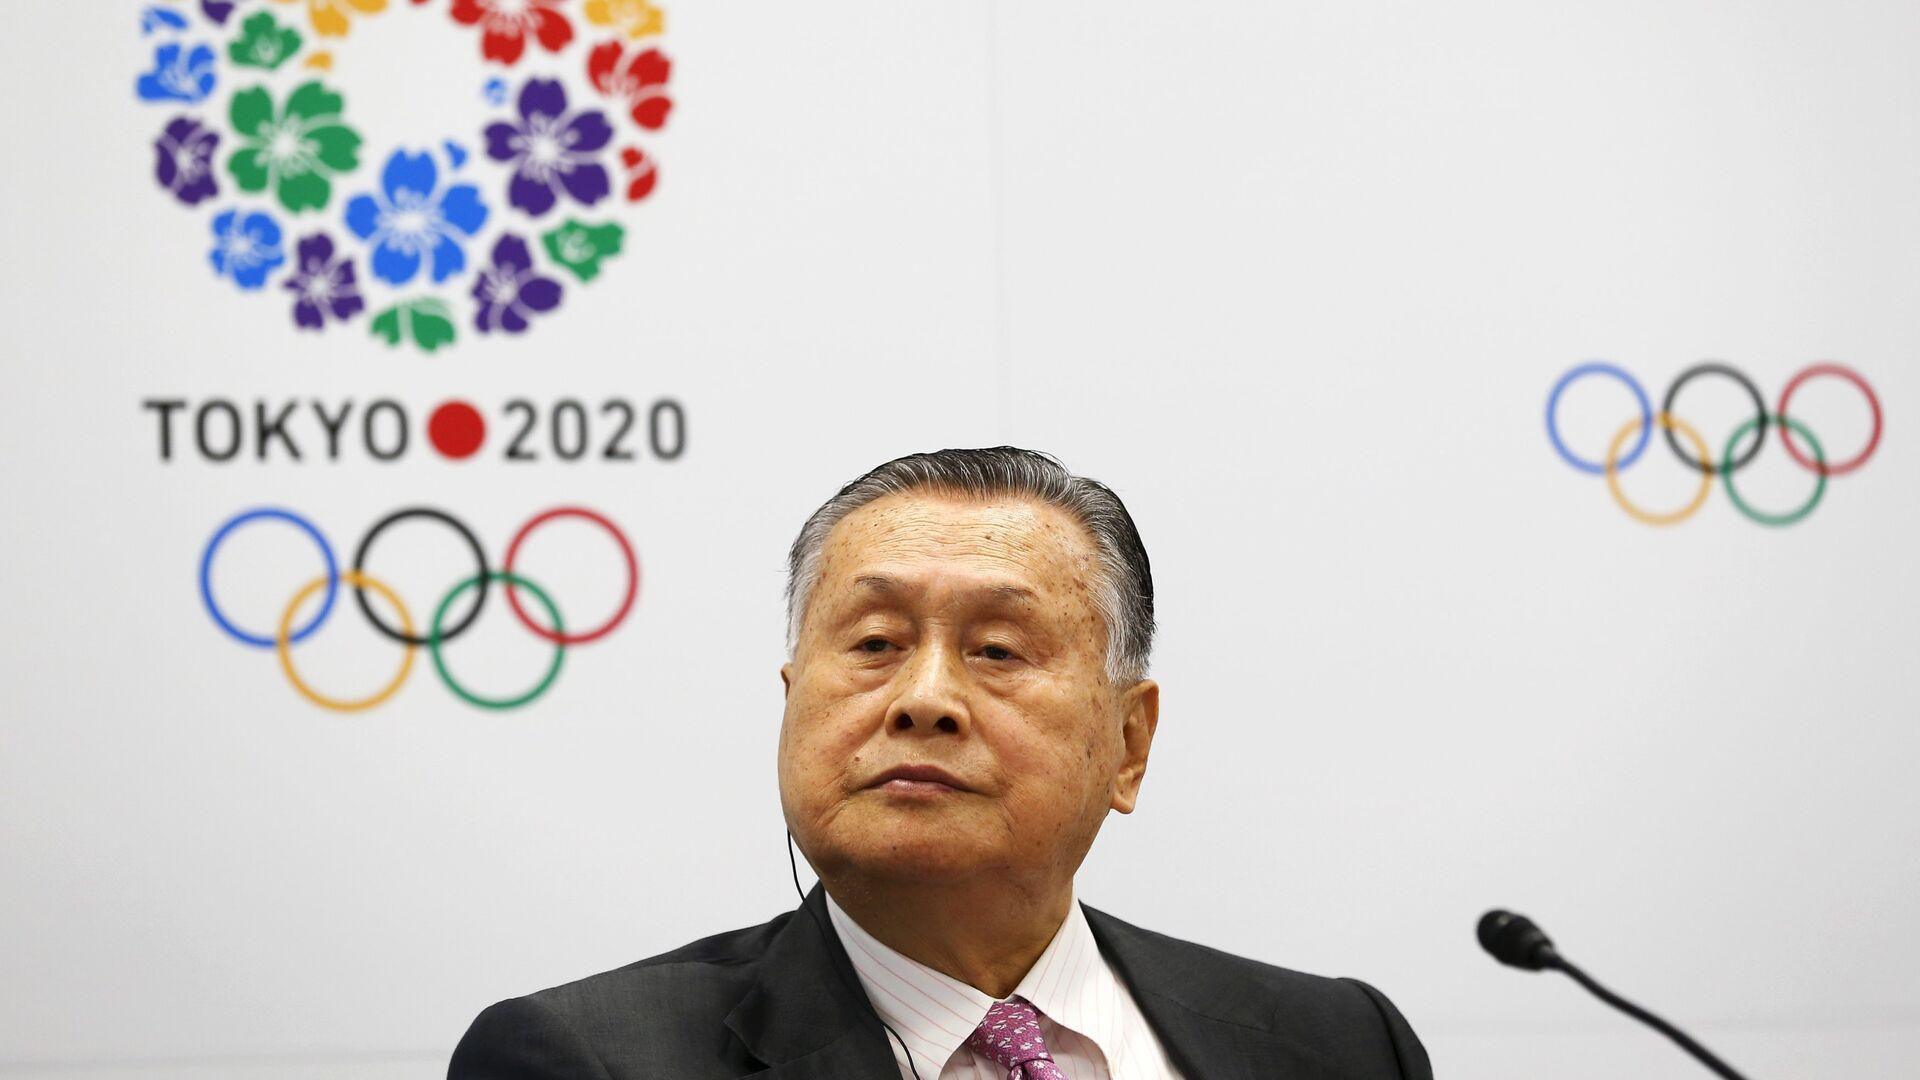 Глава оргкомитета ОИ-2020 в Токио Ёсиро Мори - РИА Новости, 1920, 04.02.2021